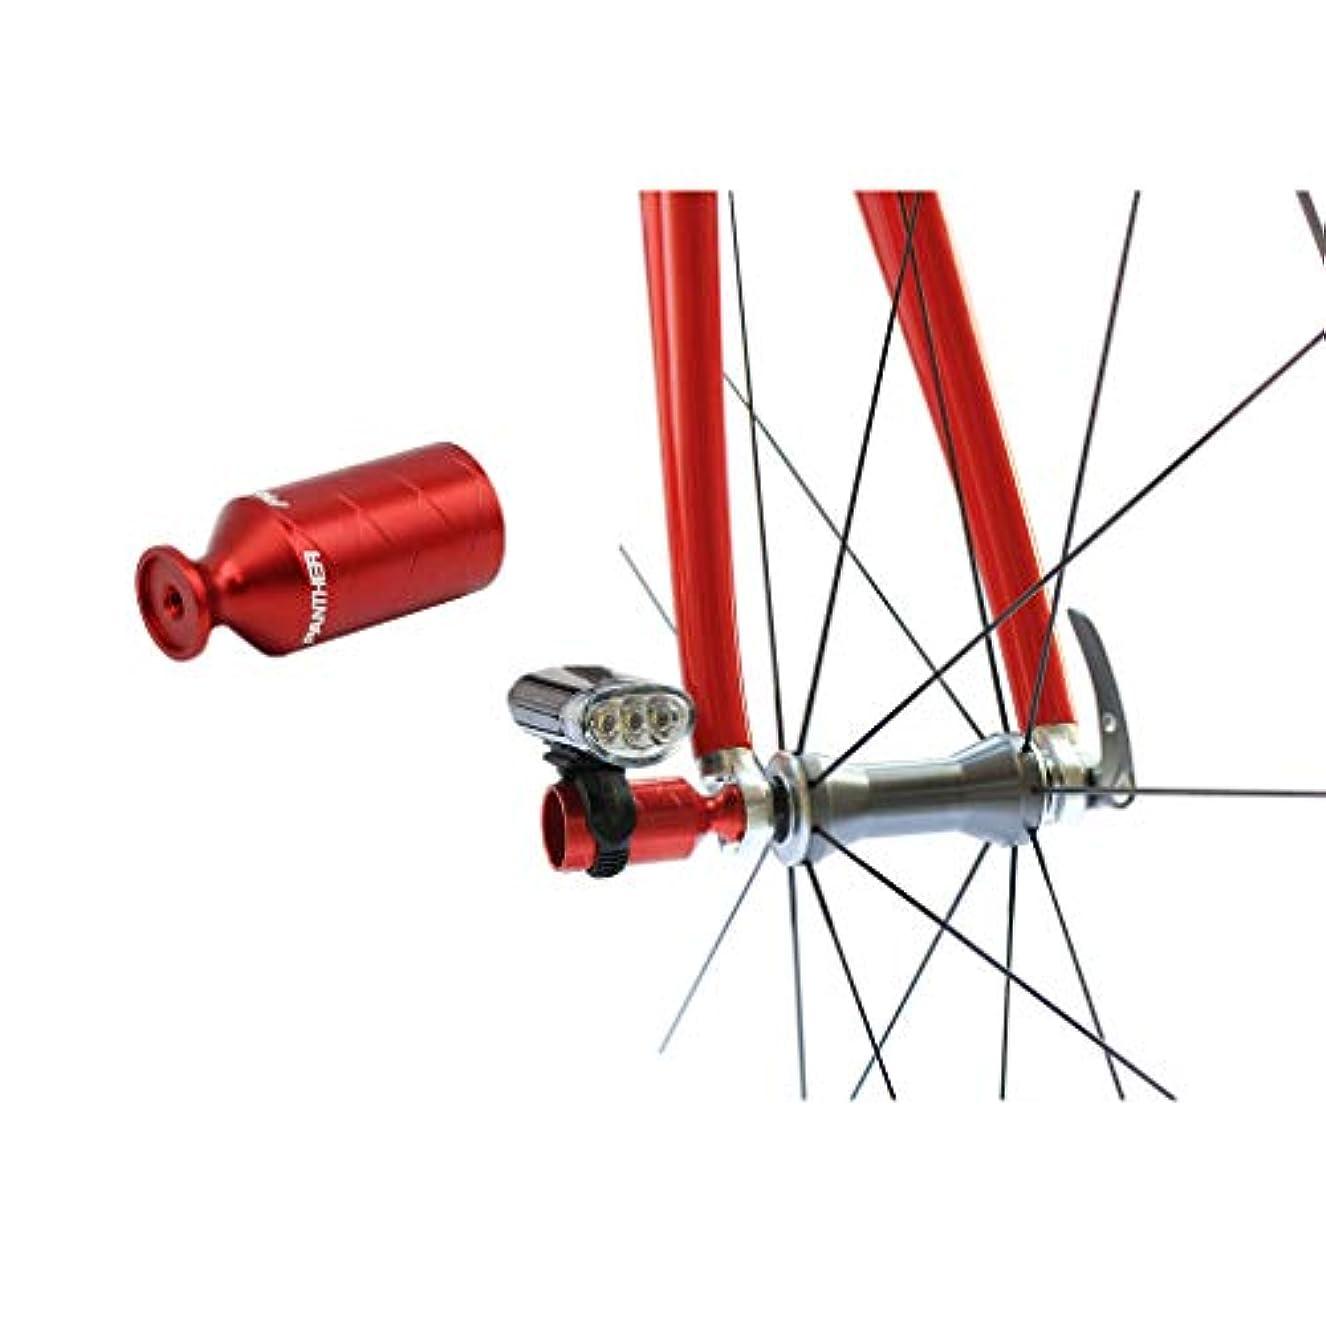 フォーム新着抵抗PANTHER (パンサー) 多色展開 アルミアルマイトカラー 自転車用 超軽量 アクセサリーホルダー ライトホルダー ハブパーツ リアディレーラー保護 ライトアダプター ロードバイク クロスバイク マウンテンバイク クイックリリース搭載自転車に全般対応